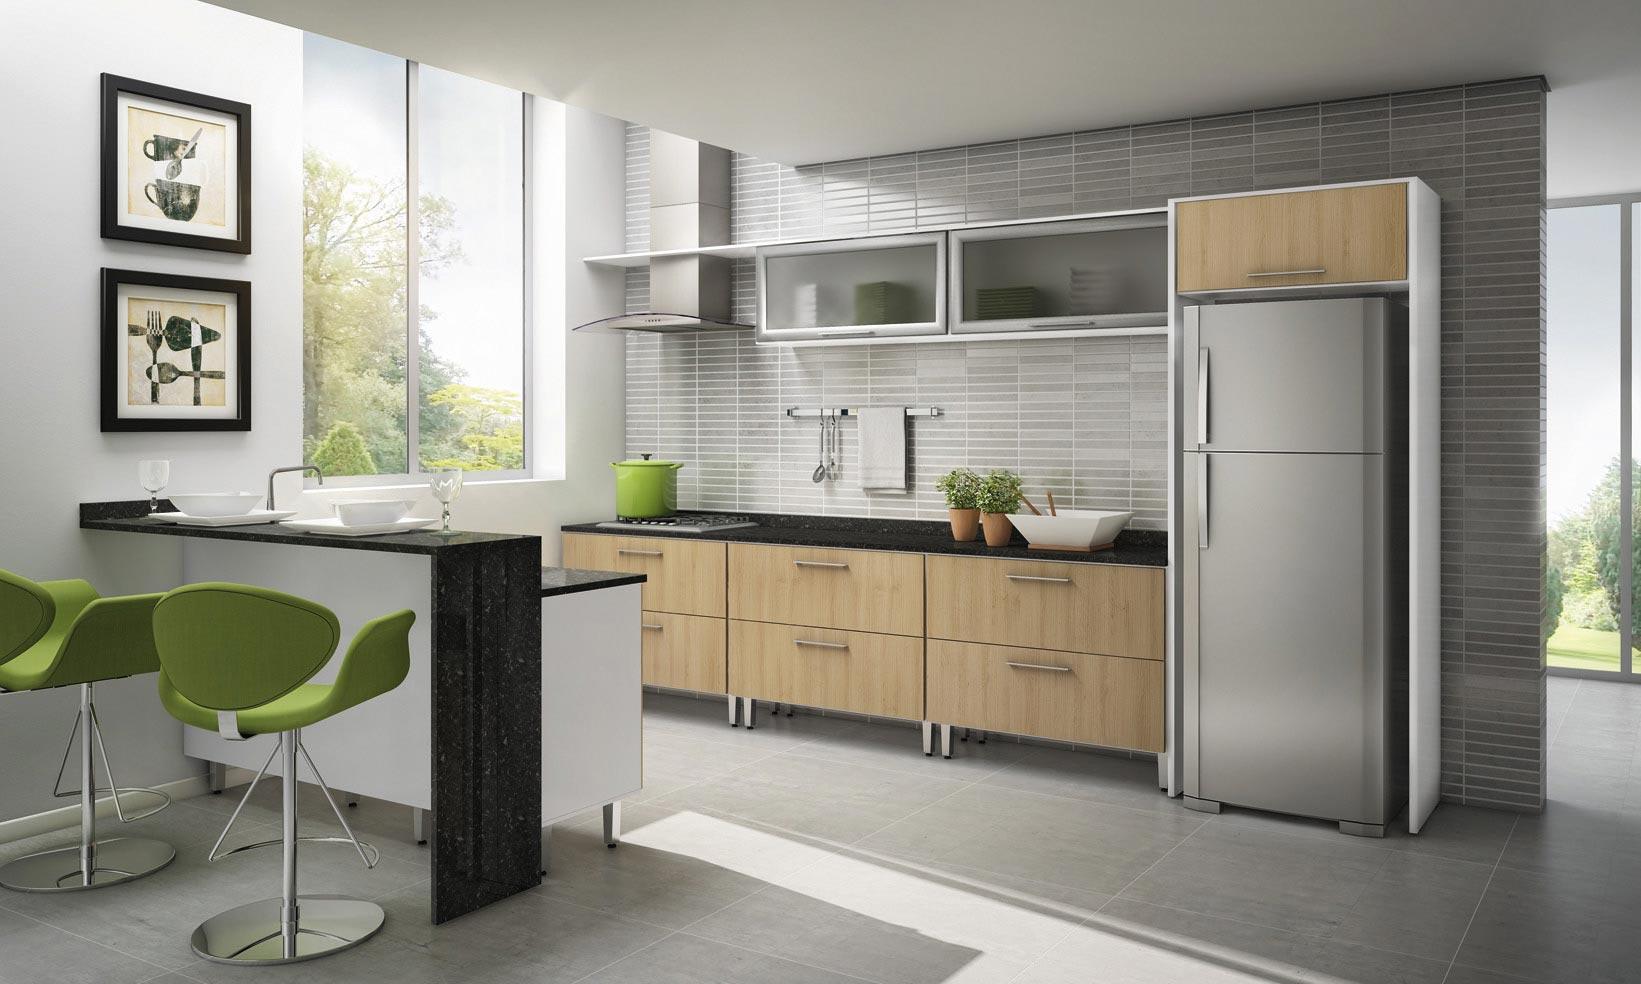 de cozinhas simples Decoração de cozinhas simples Decoração de  #7D8E3D 1641 984